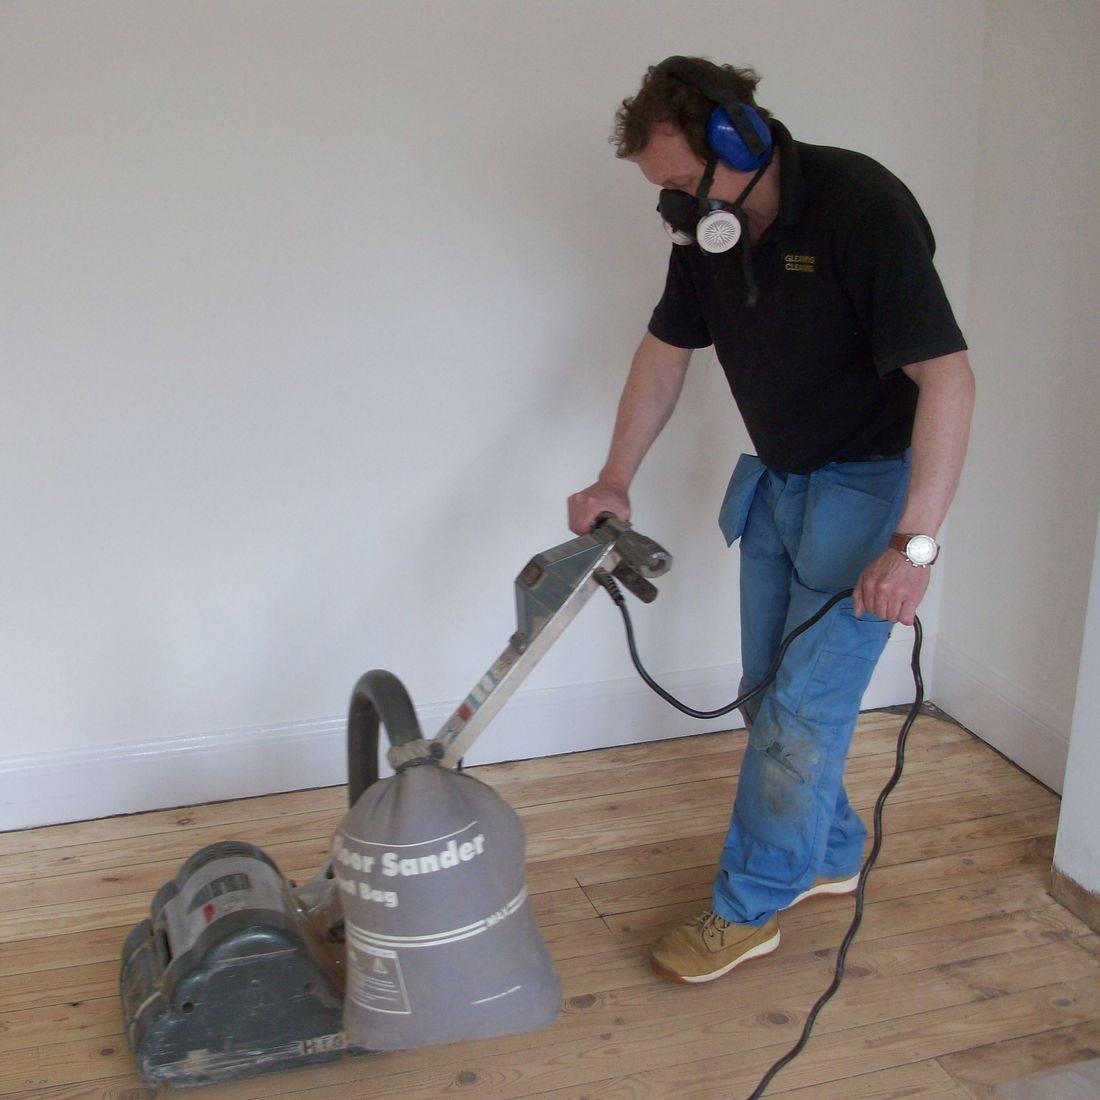 Floor sanding Business Opportunity for sale